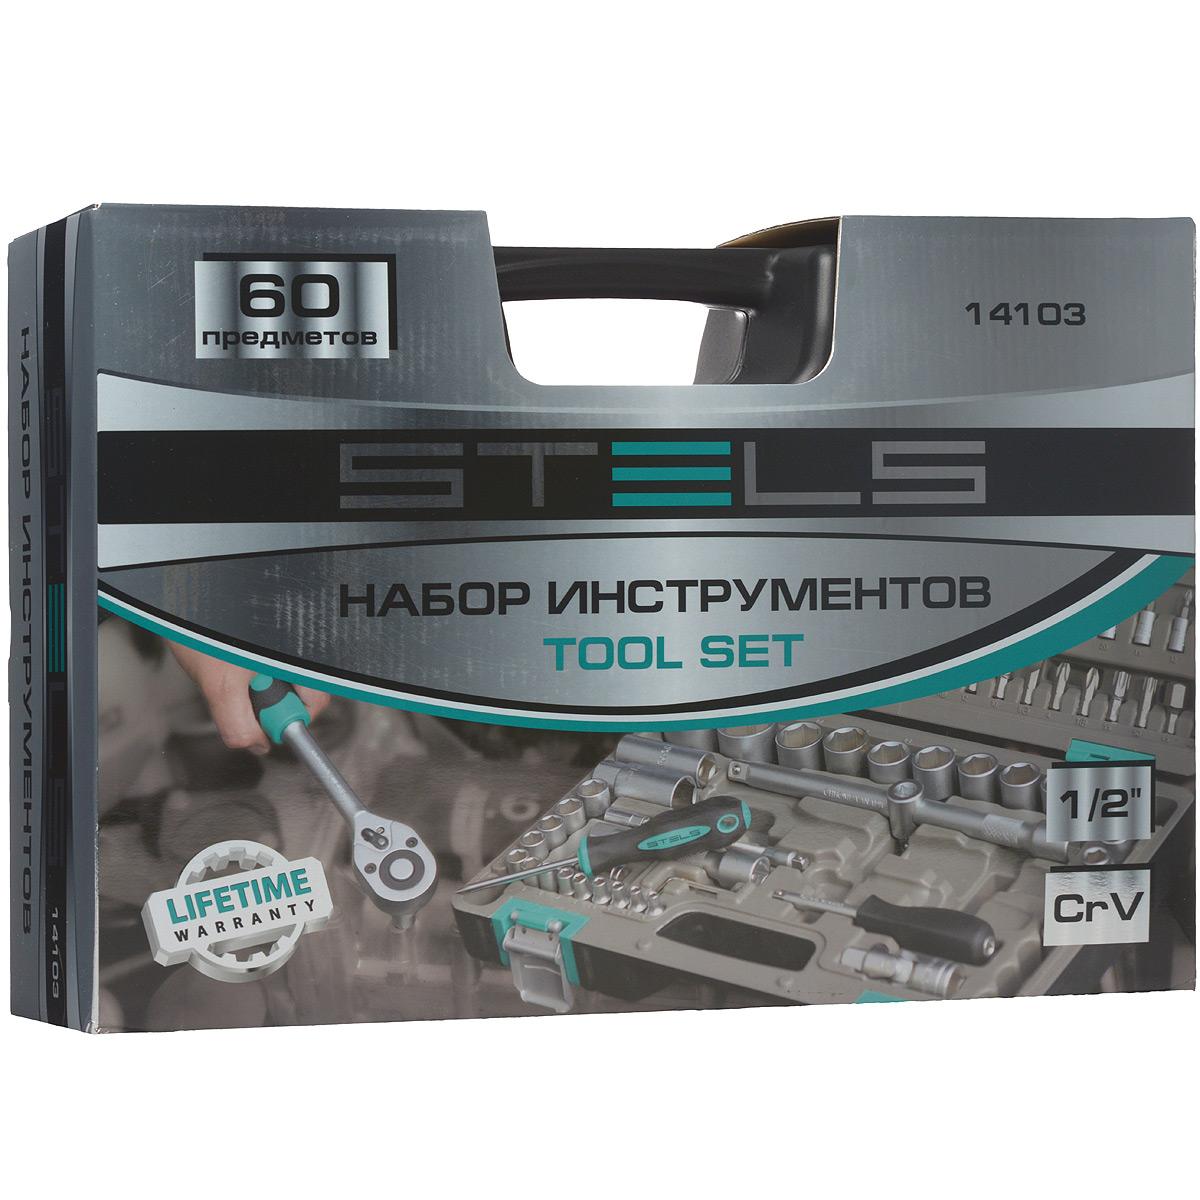 Набор инструментов Stels, 60 предметовS04H3120SНабор инструментов торговой марки Stels разработан специально для автолюбителей и центров технического обслуживания. Каждый этап производства контролируется в соответствии с международными стандартами. Головки и комбинированные ключи изготовлены из хромованадиевой стали, придающей инструменту исключительную твердость в сочетании с легкостью. Набор упакован в кейс, изготовленный из жесткого противоударного пластика.Состав набора:Ключ трещоточный 1/2.Головки торцевые 1/2: 10 мм, 11 мм, 12 мм, 13 мм, 14 мм, 15 мм, 16 мм, 17 мм, 18 мм, 19 мм, 20 мм, 21 мм, 22 мм, 24 мм, 27 мм, 30 мм, 32 мм.Головки торцевые, свечные 1/2: 16 мм, 21 мм.Головки торцевые, удлиненные 1/2: 10 мм, 11 мм, 12 мм, 13 мм, 14 мм, 15 мм, 17 мм, 19 мм, 22 мм.Кардан шарнирный 1/2.Удлинители 1/2: 125 мм, 250 мм.Переходник 3/8-1/2.Переходник для бит 1/2-5/16.Биты-вставки 5/16: H4, H5, H6, H8, H10, H12, H14, SL8, SL10, SL12, PH1, PH2, PH3, PH4, PZ1, PZ2, PZ3, PZ4, T20, T25, T27, T30, T40, T45, T50, T55.